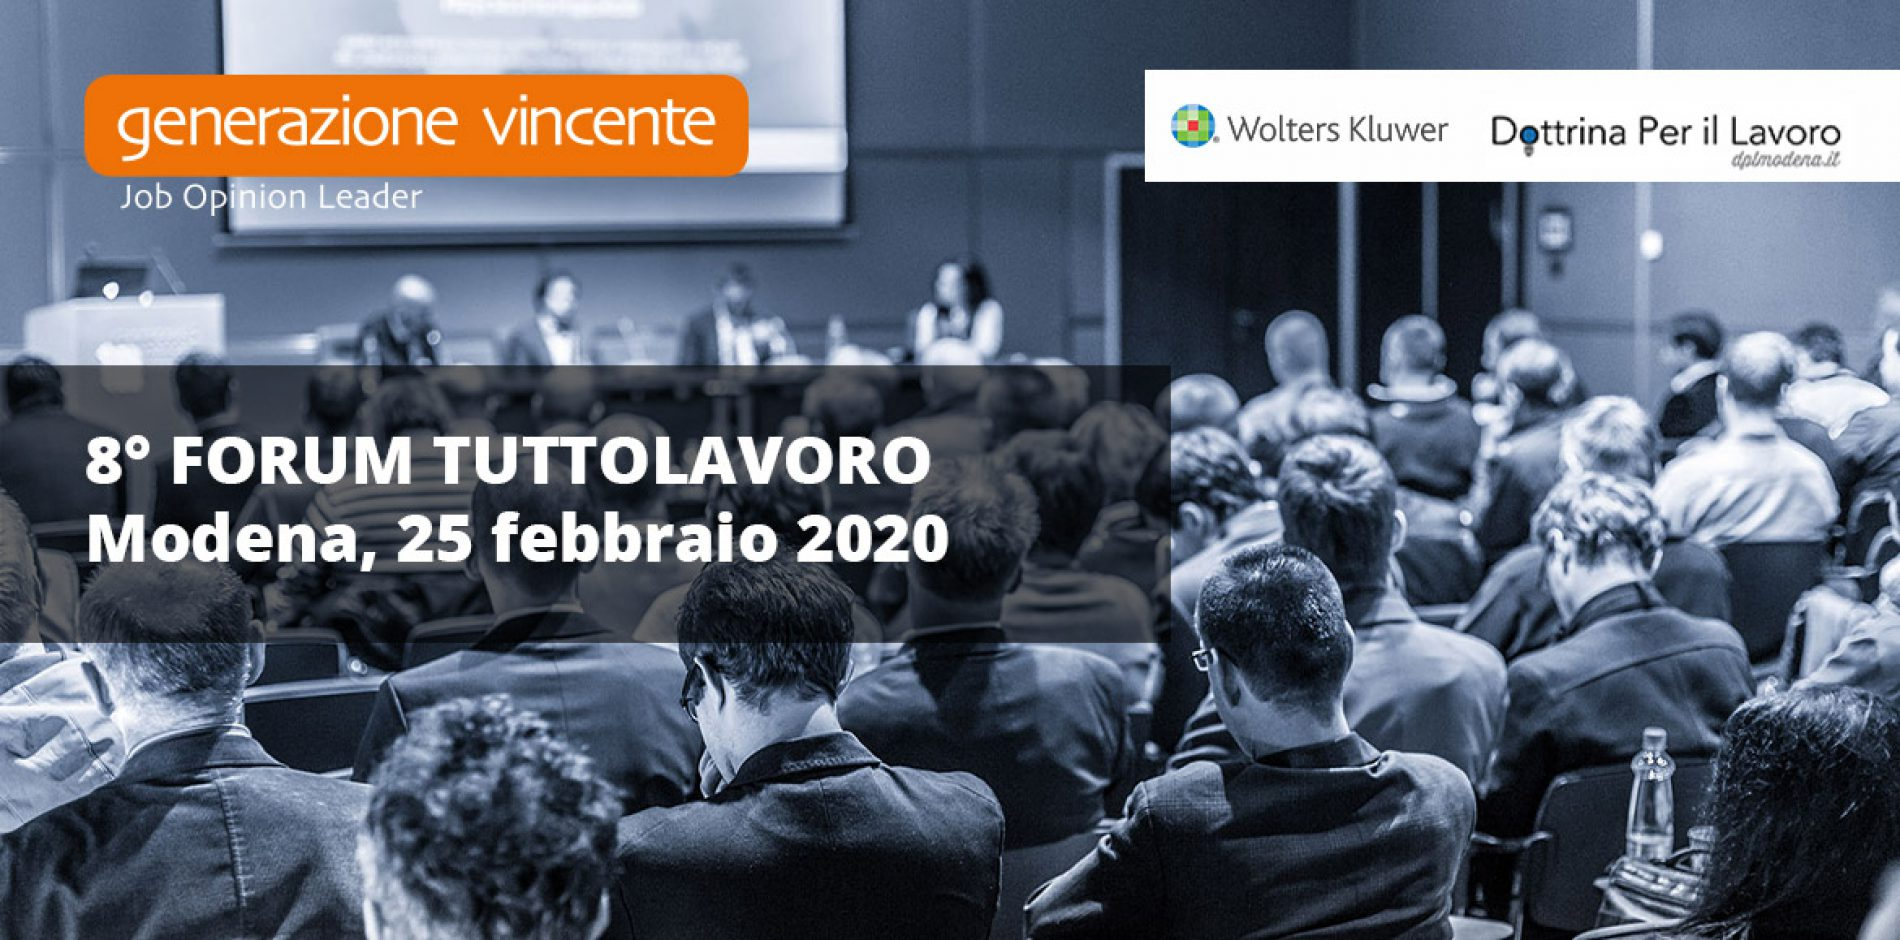 Forum TuttoLavoro Modena 2020 – In arrivo l'VIII edizione dell'evento sul lavoro